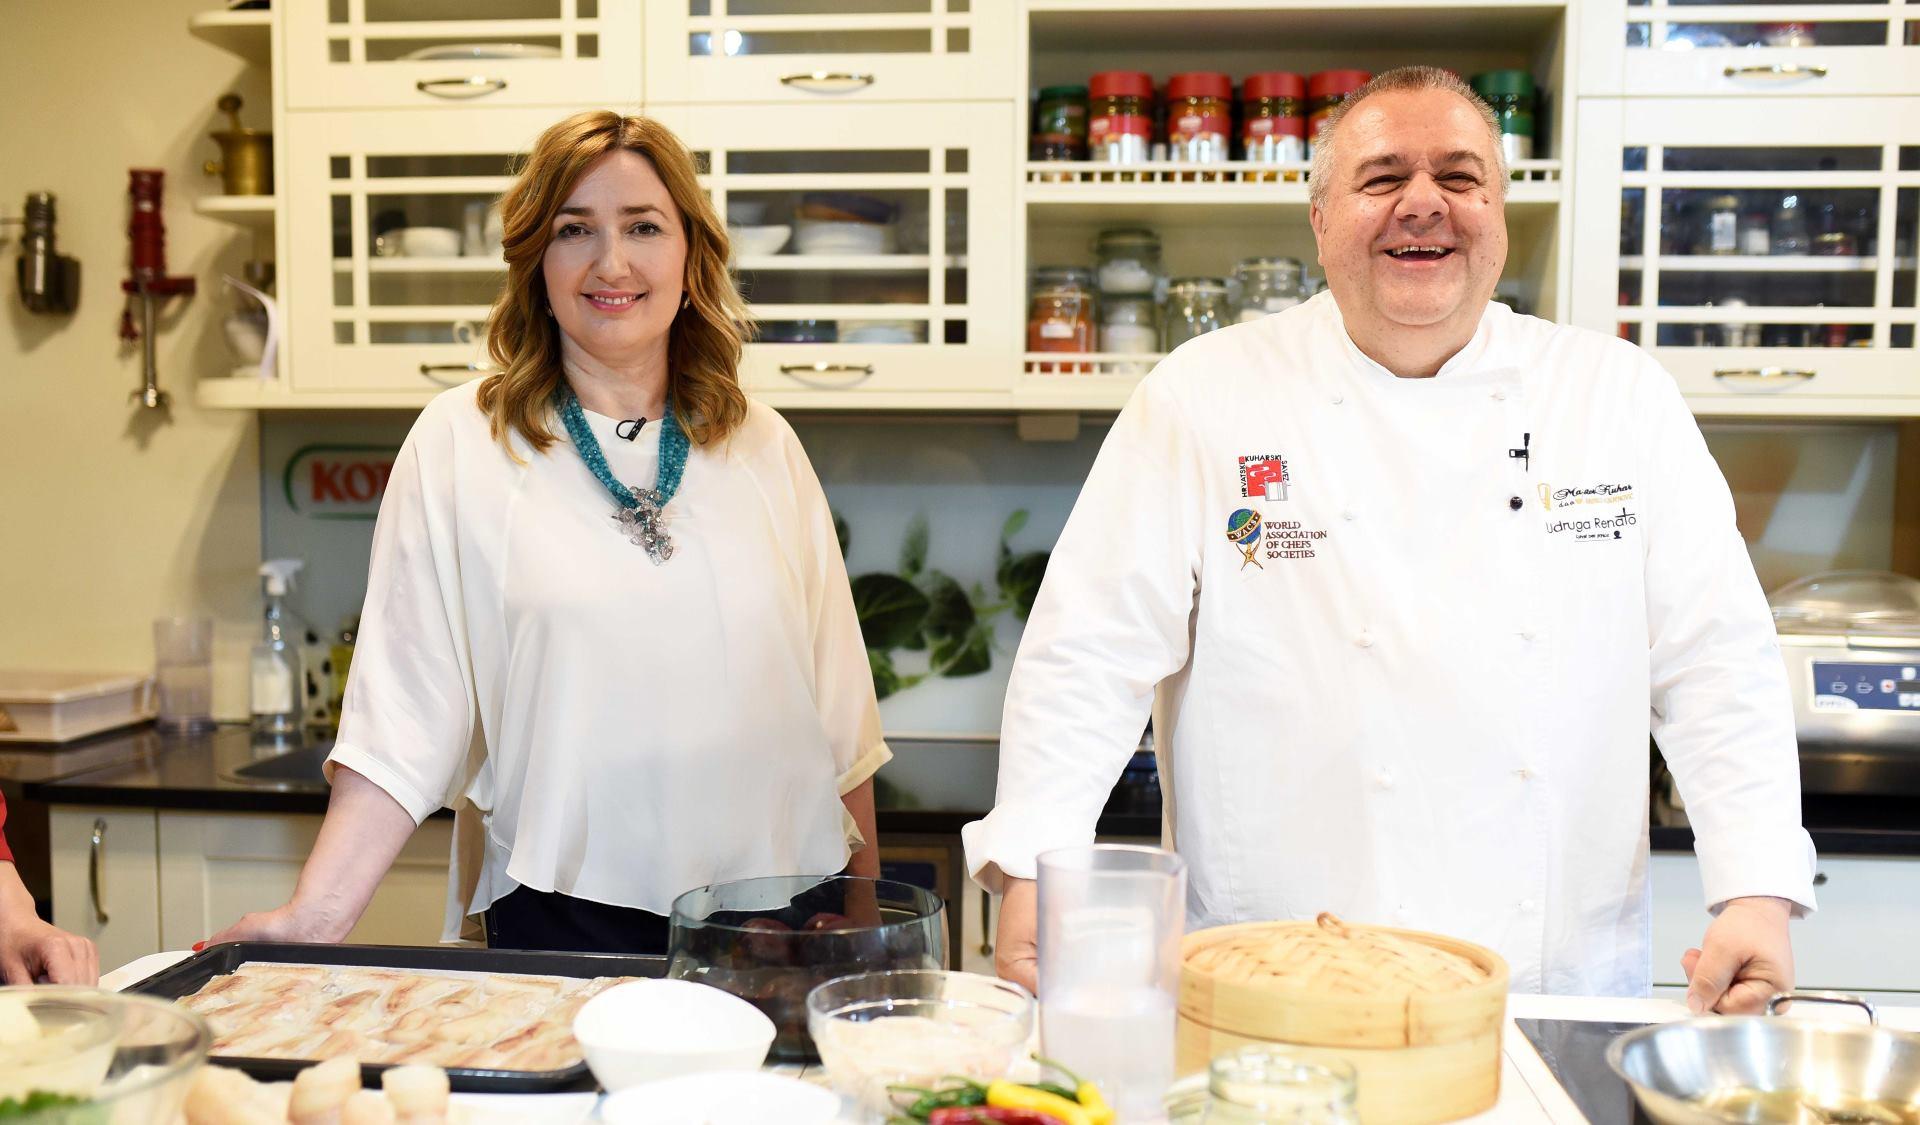 ZAKLADA HRVATSKA KUĆA SRCA Organizirana kulinarska radionica kako kuhati sa smanjenim udjelom soli